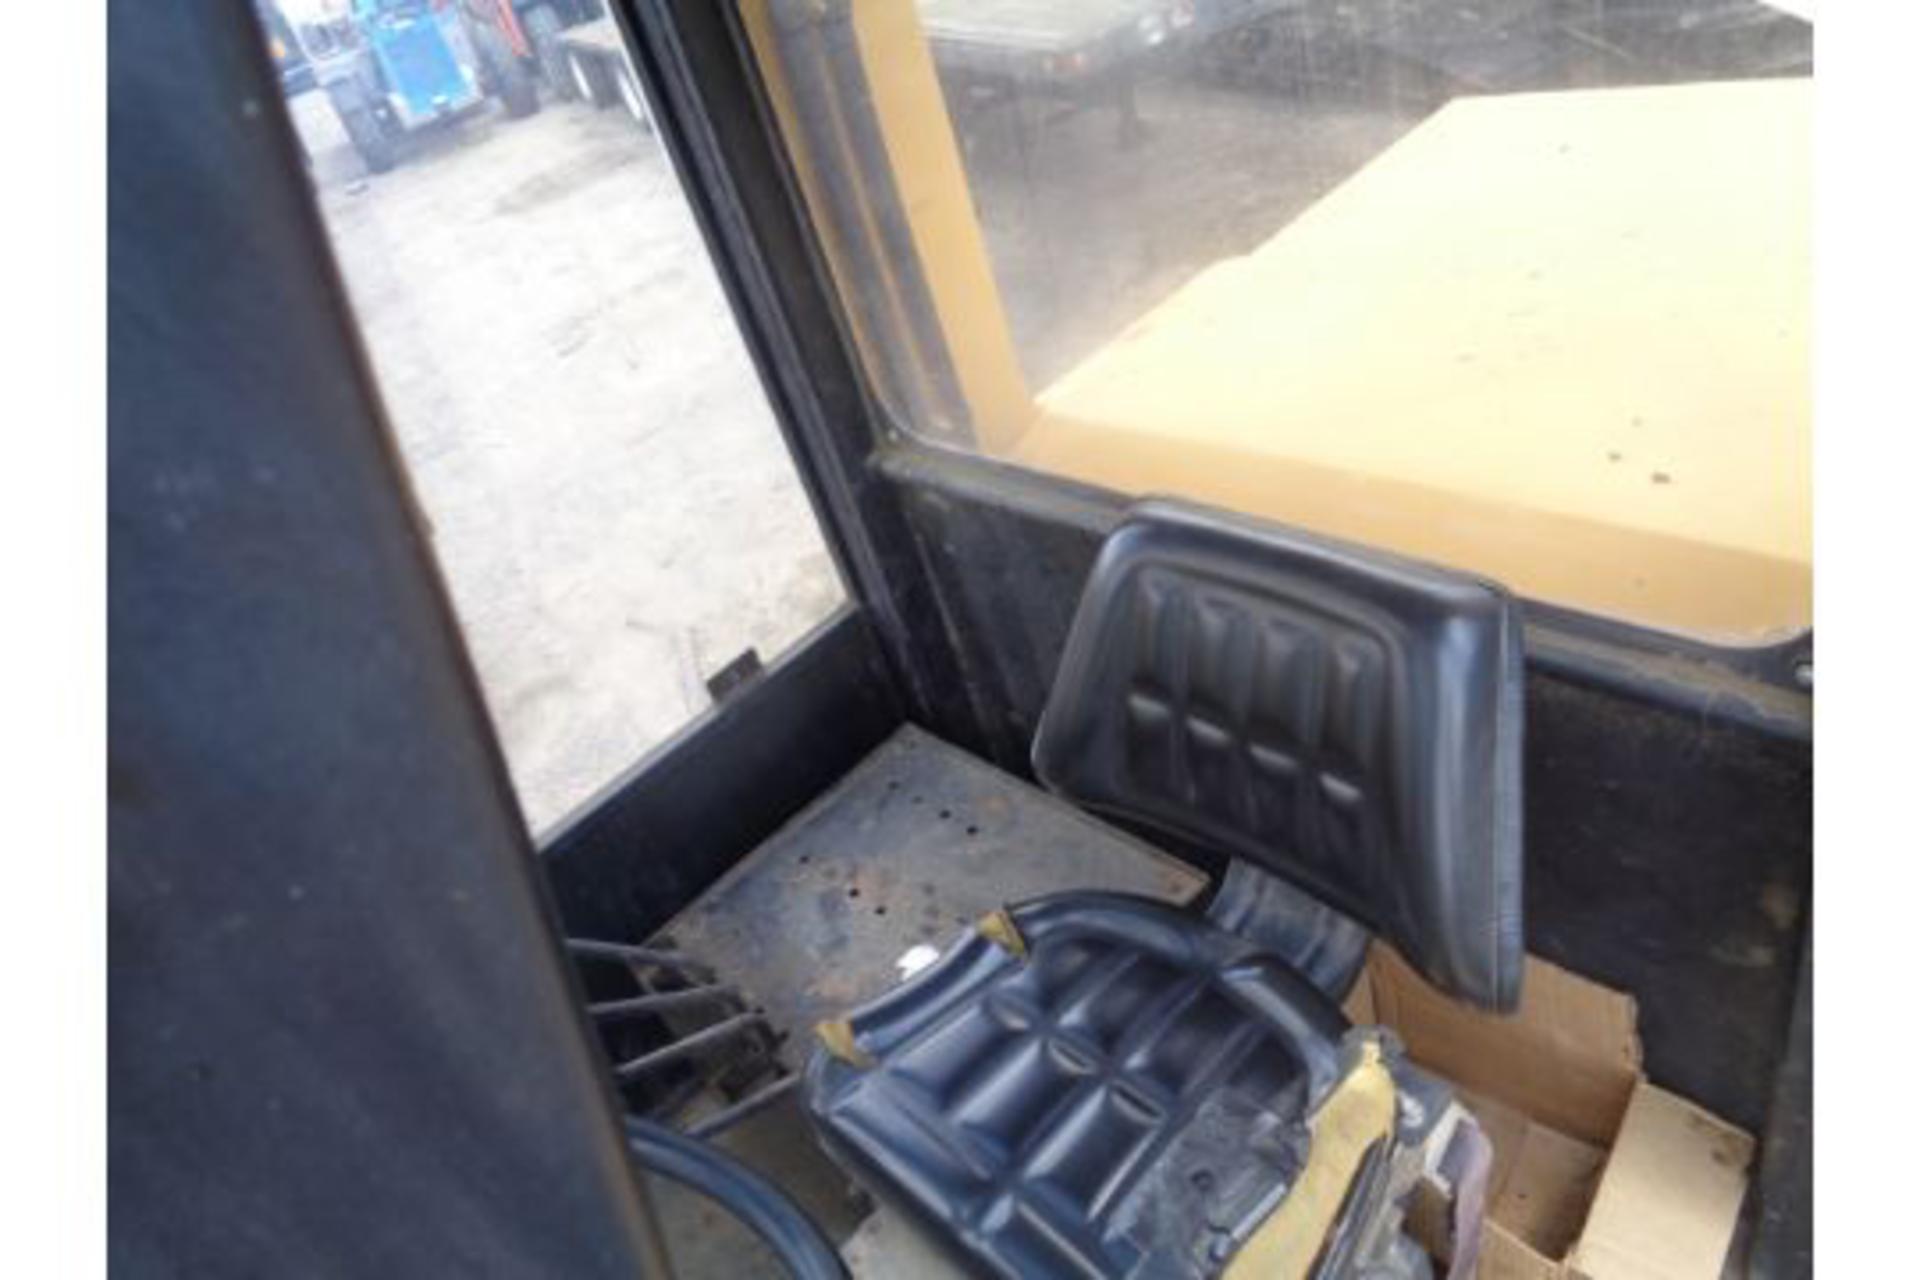 1998 Royal P330H 36,000lb Forklift - Image 18 of 19